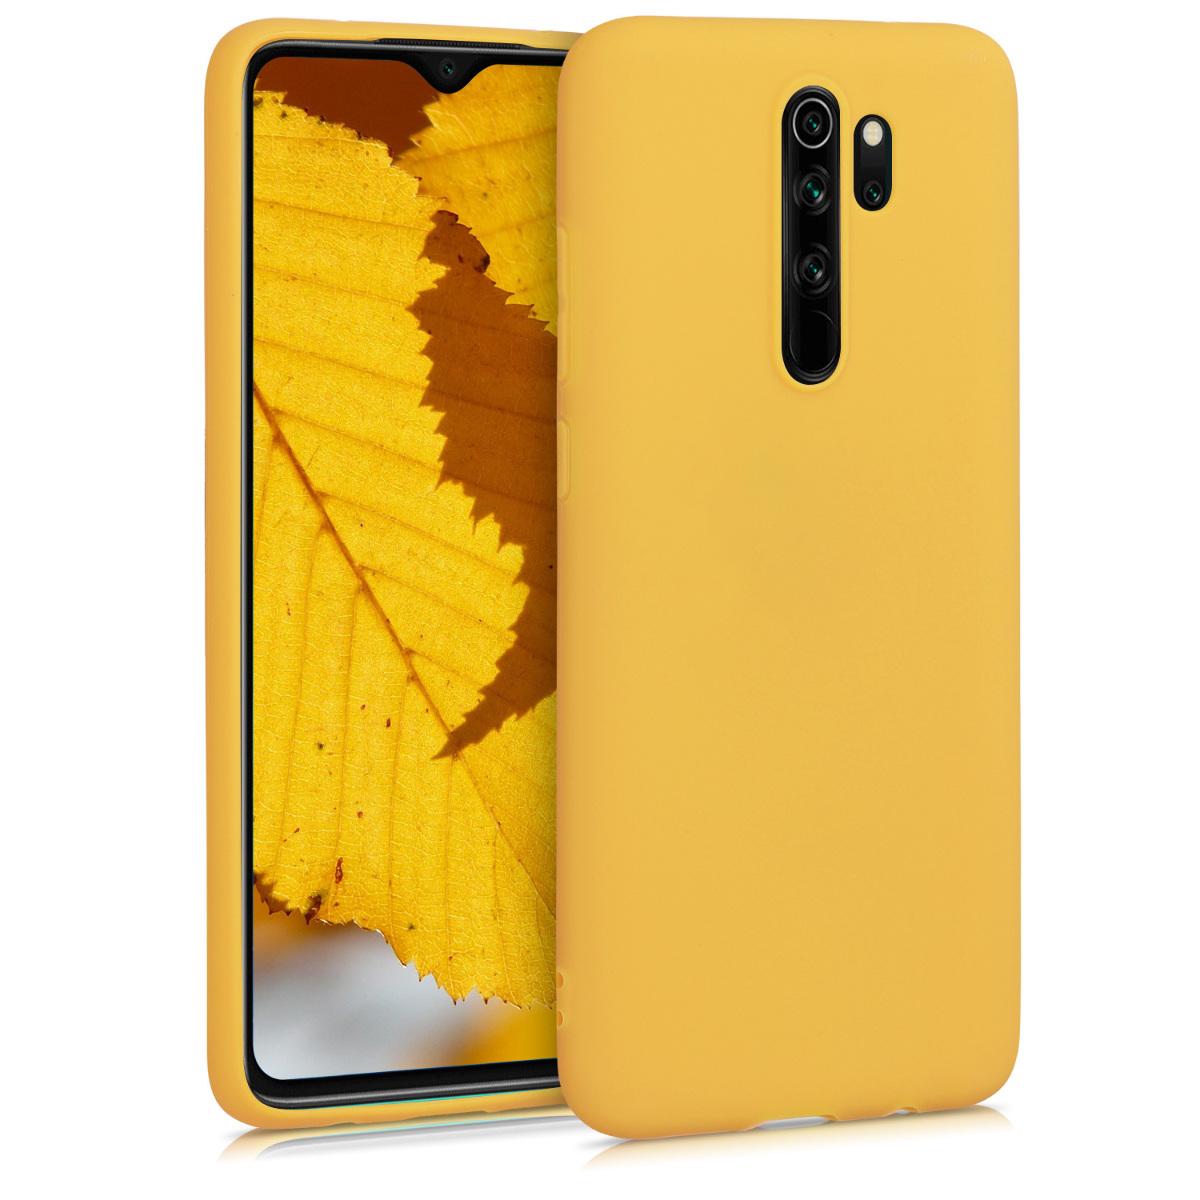 KW Θήκη Σιλικόνης Xiaomi Redmi Note 8 Pro - Honey Yellow (50242.143)